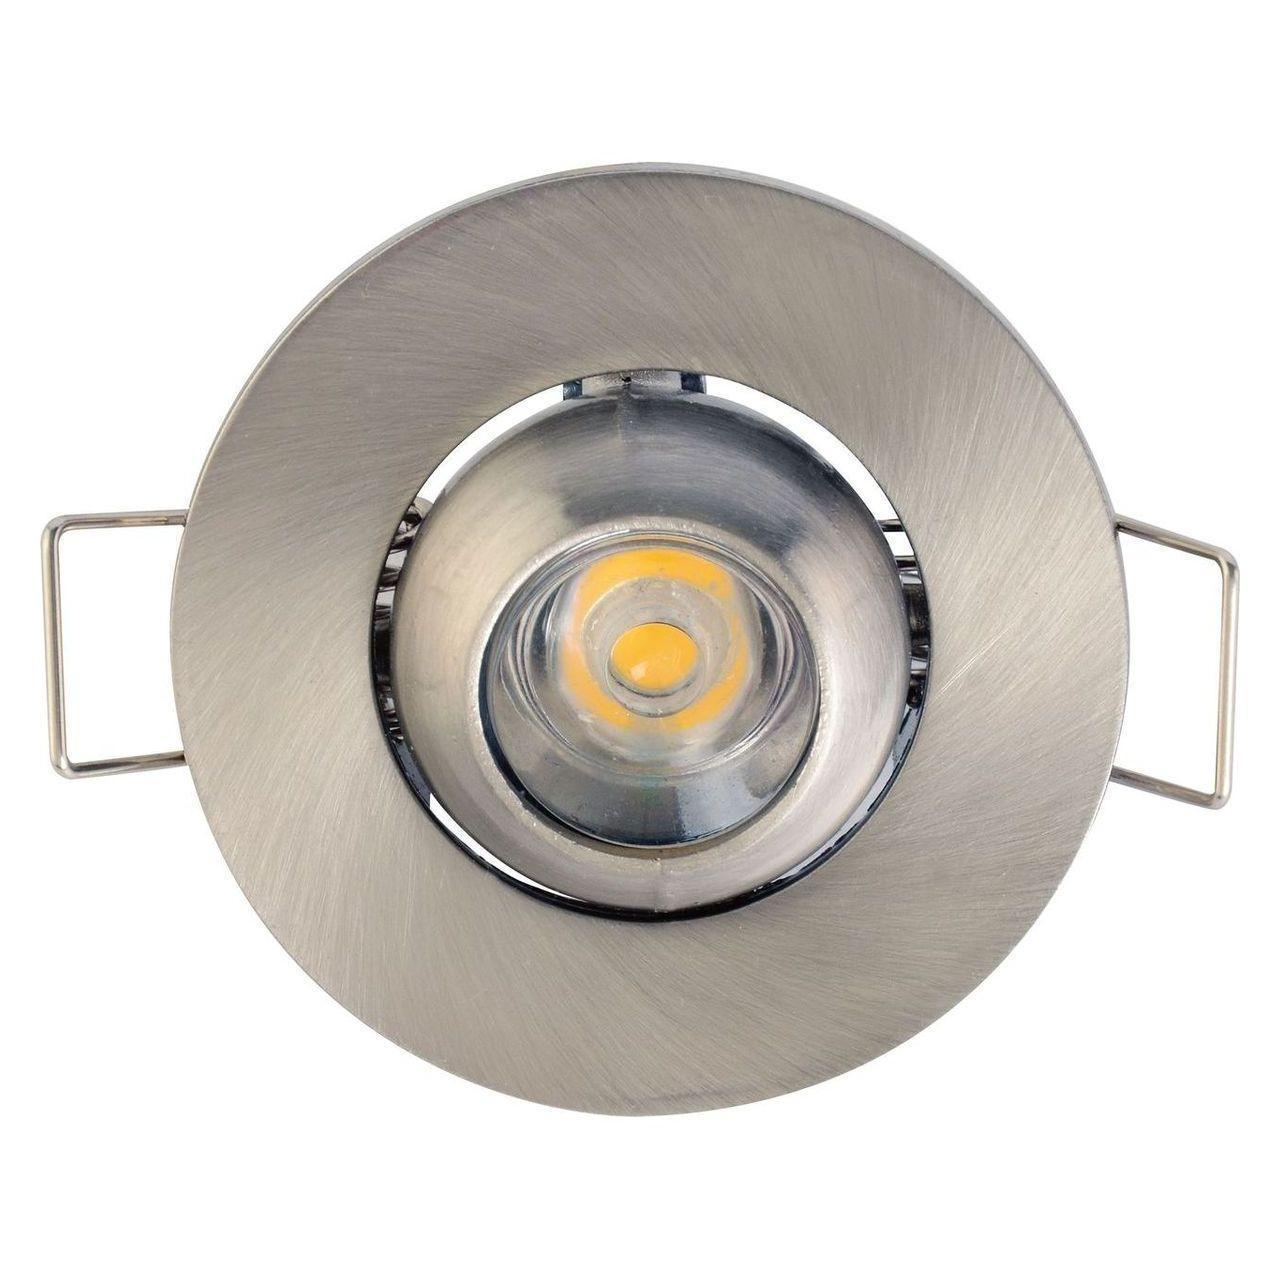 Встраиваемый светодиодный светильник Horoz Fiona 1W 6400К хром 016-028-0001 встраиваемый светодиодный светильник horoz nadia 1w 6400к матовый хром 016 027 0001